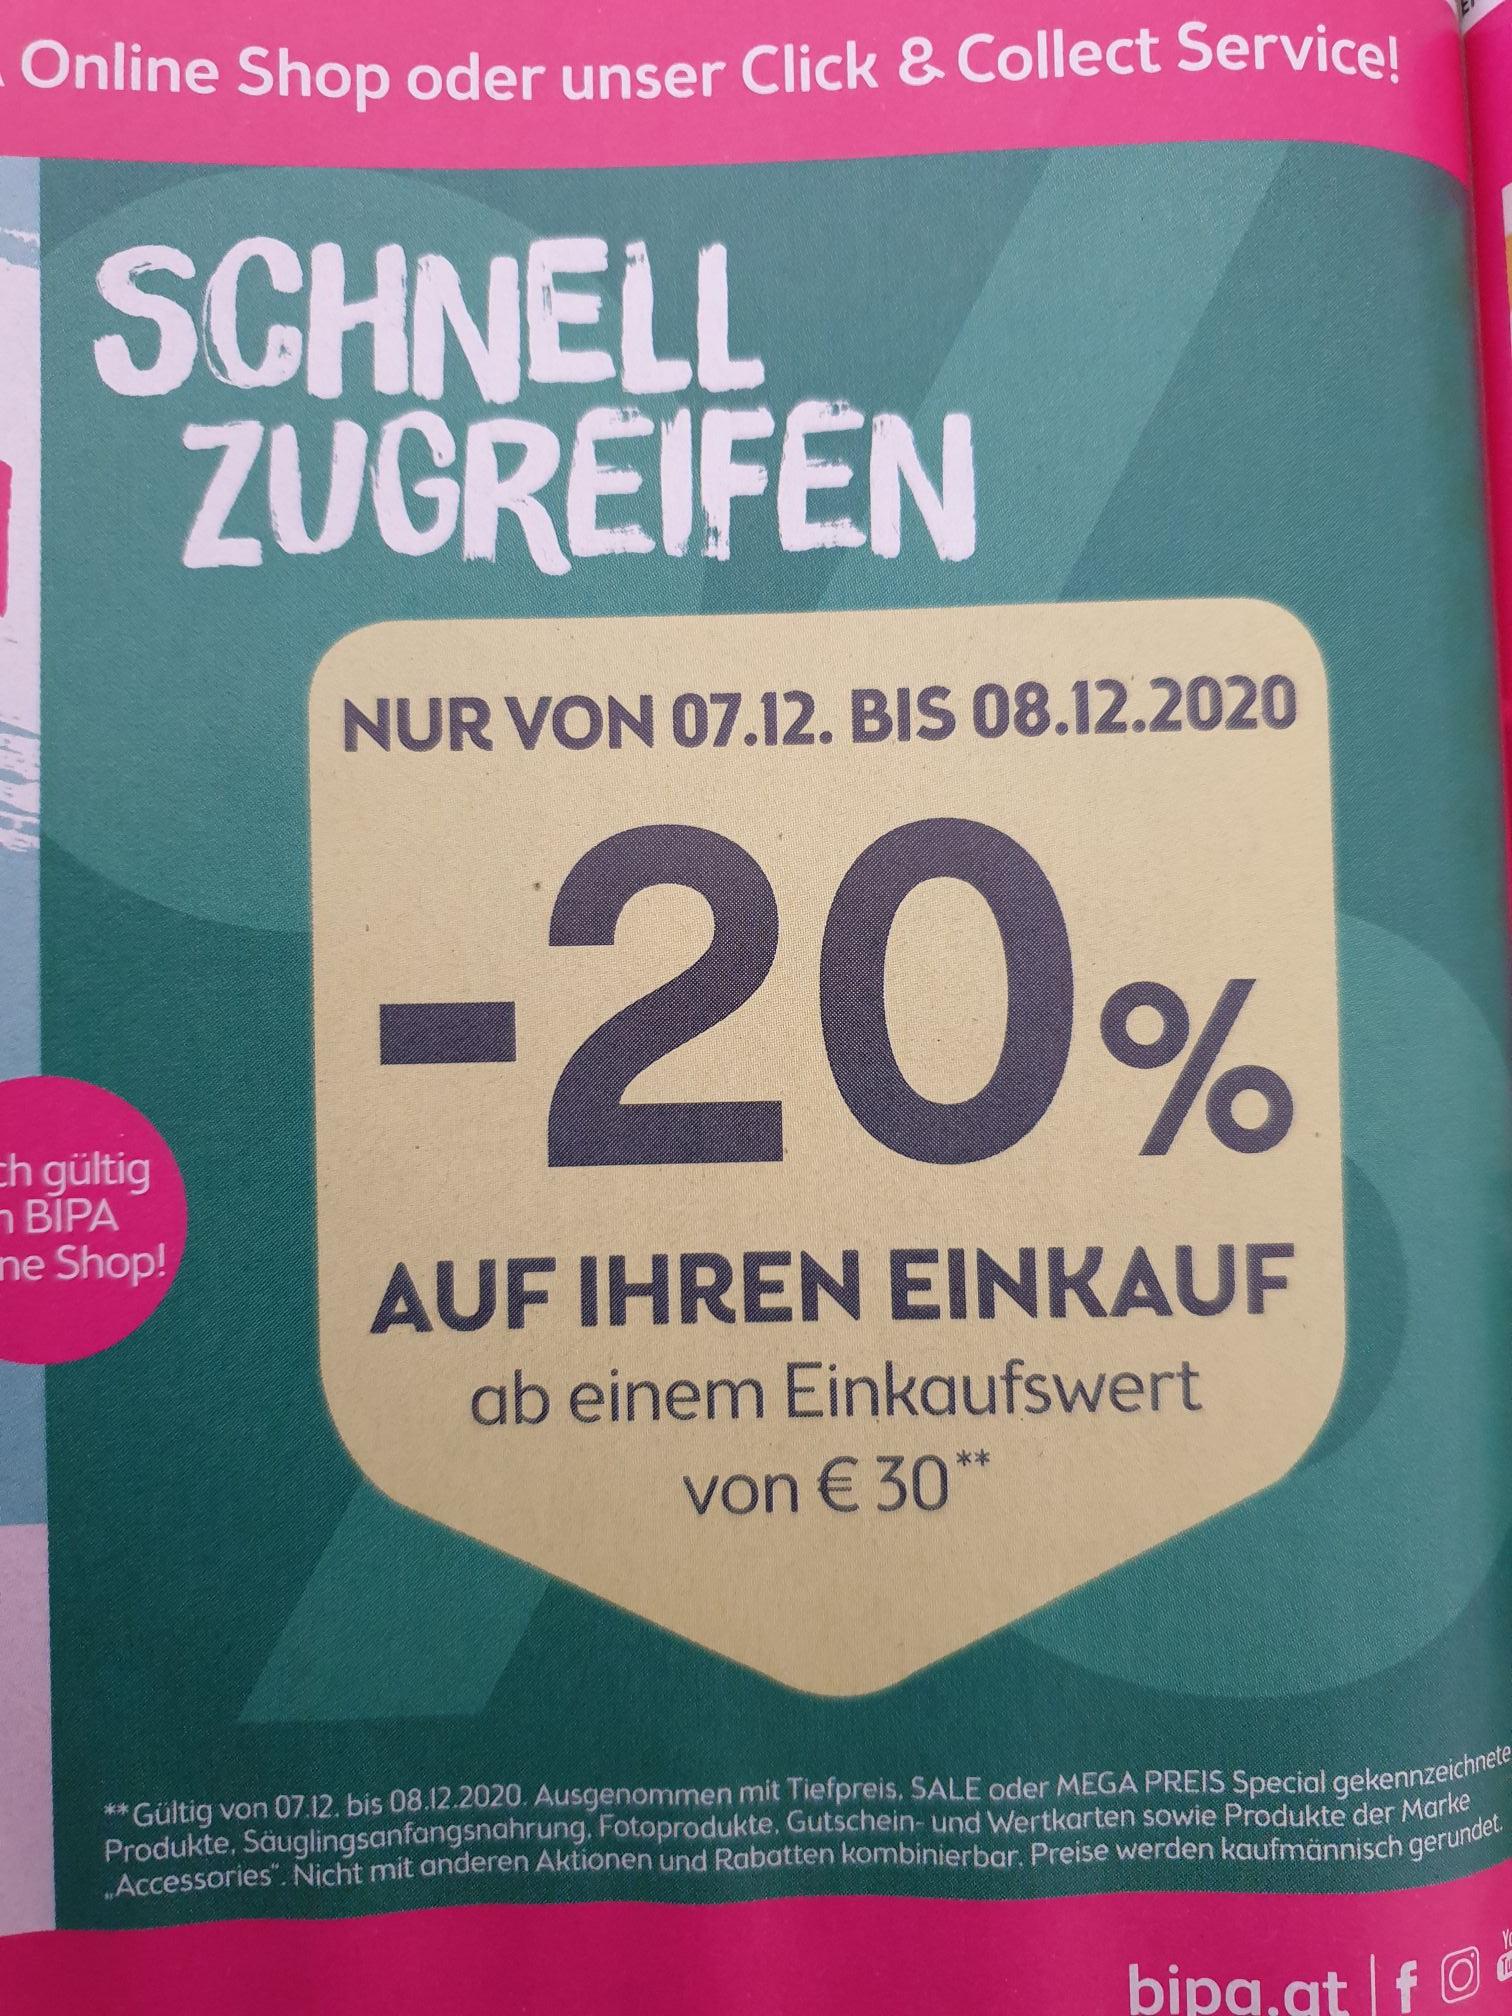 -20% auf den gesamten Einkauf bei Bipa, auch im Onlineshop ab 30€ Einkaufswert.. NUR am 07.12. und 08.12.